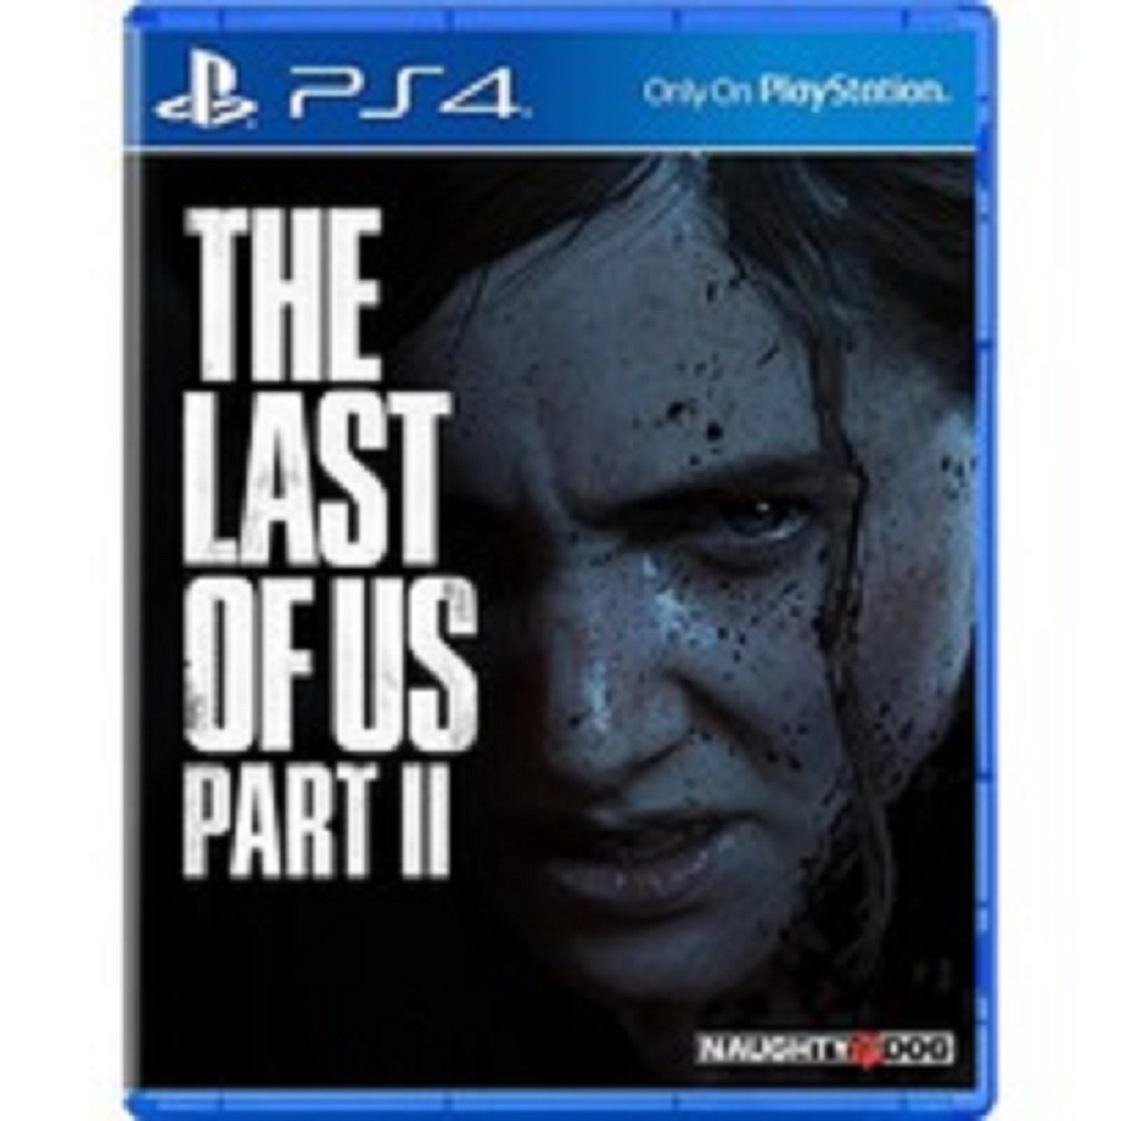 소니 PS4 더 라스트 오브 어스 파트 2 초회판 한글 새제품